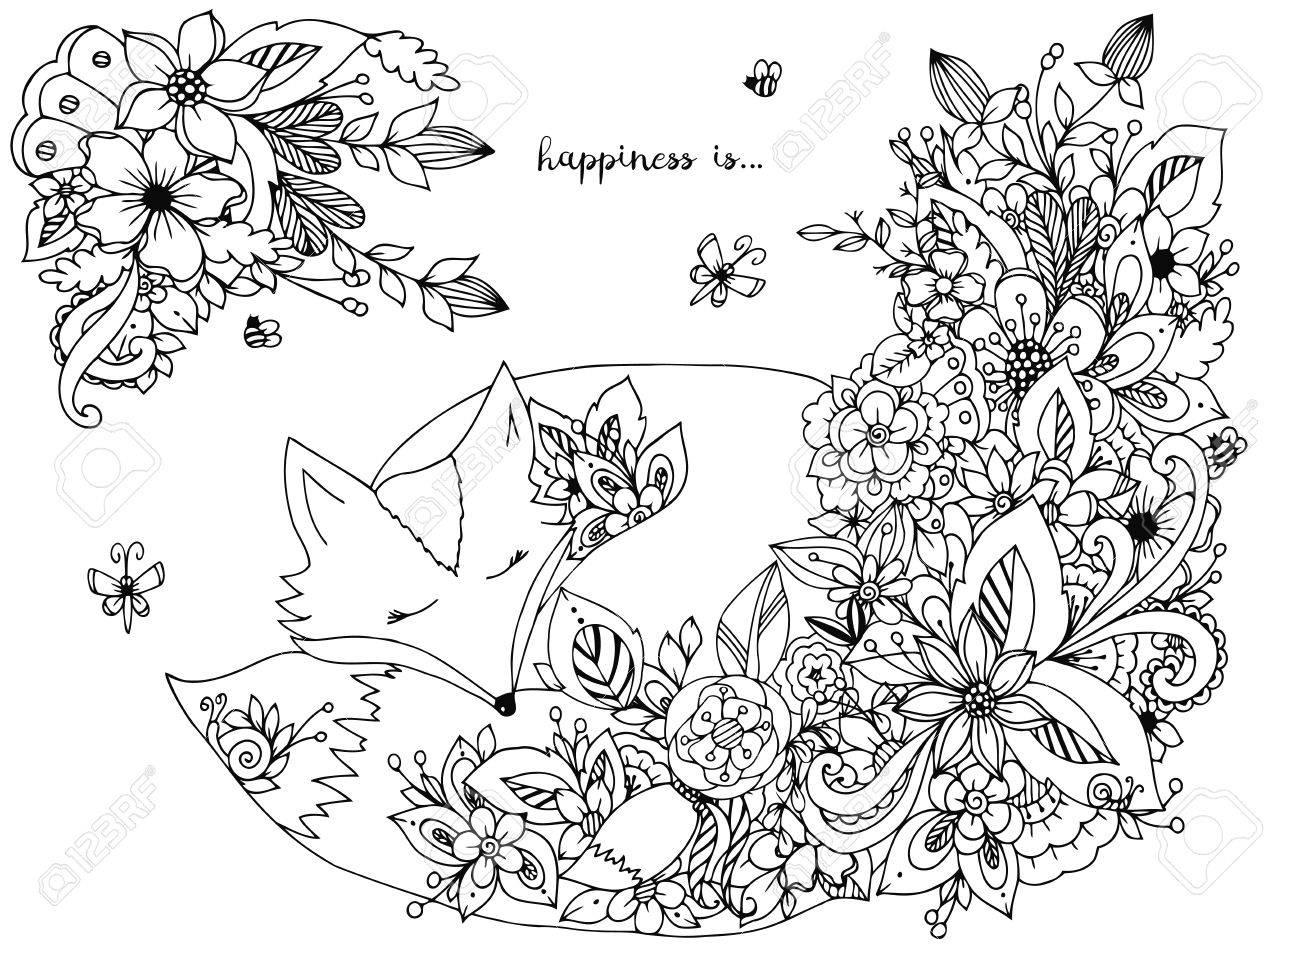 Coloriage Foret Renard.Vector Illustration Renard Dort Dans Les Fleurs Foret Griffonnage